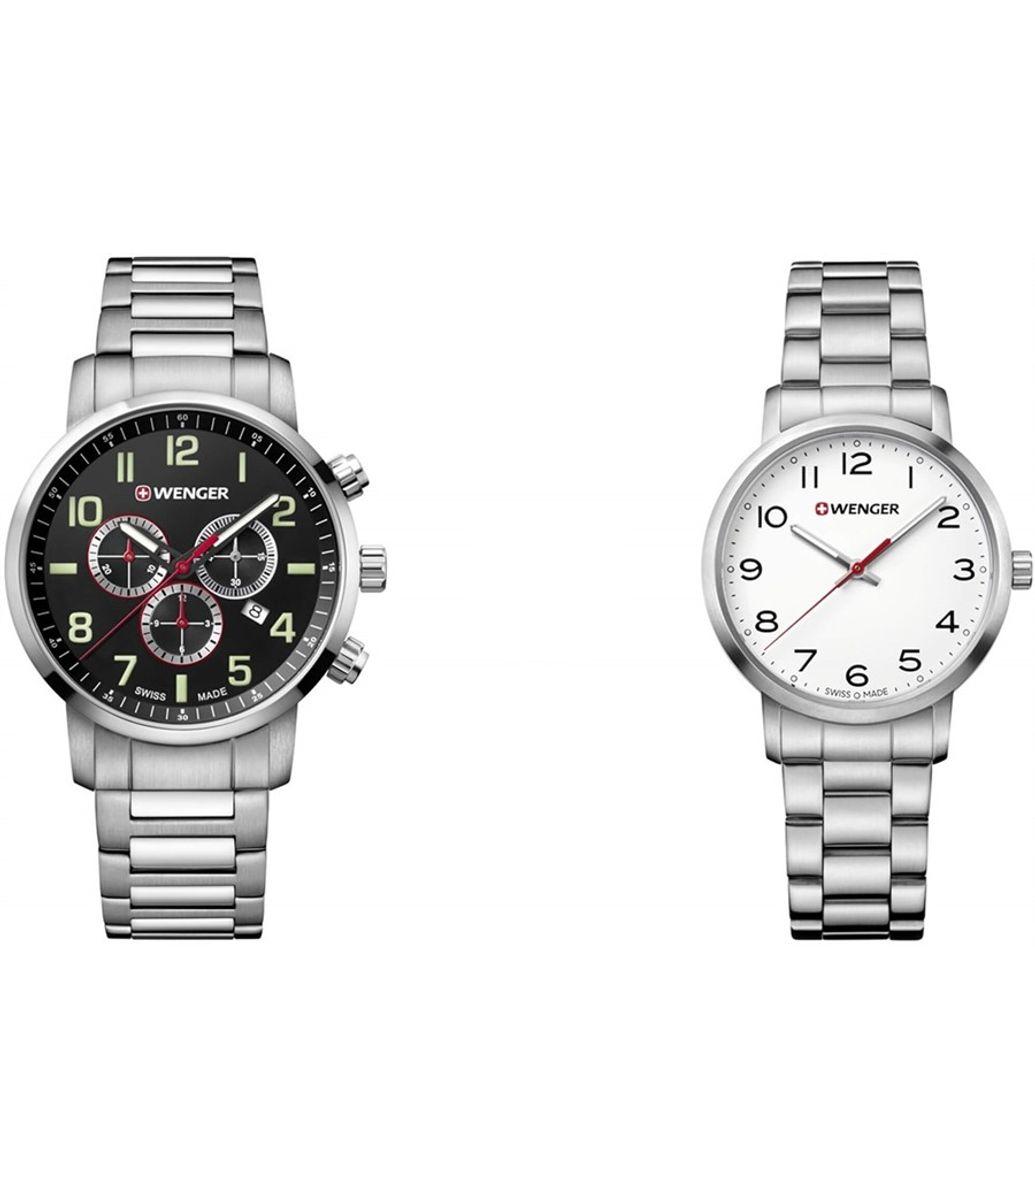 Combo Relógio Masculino Wenger Attitude Chrono + Relógio Wenger Avenue